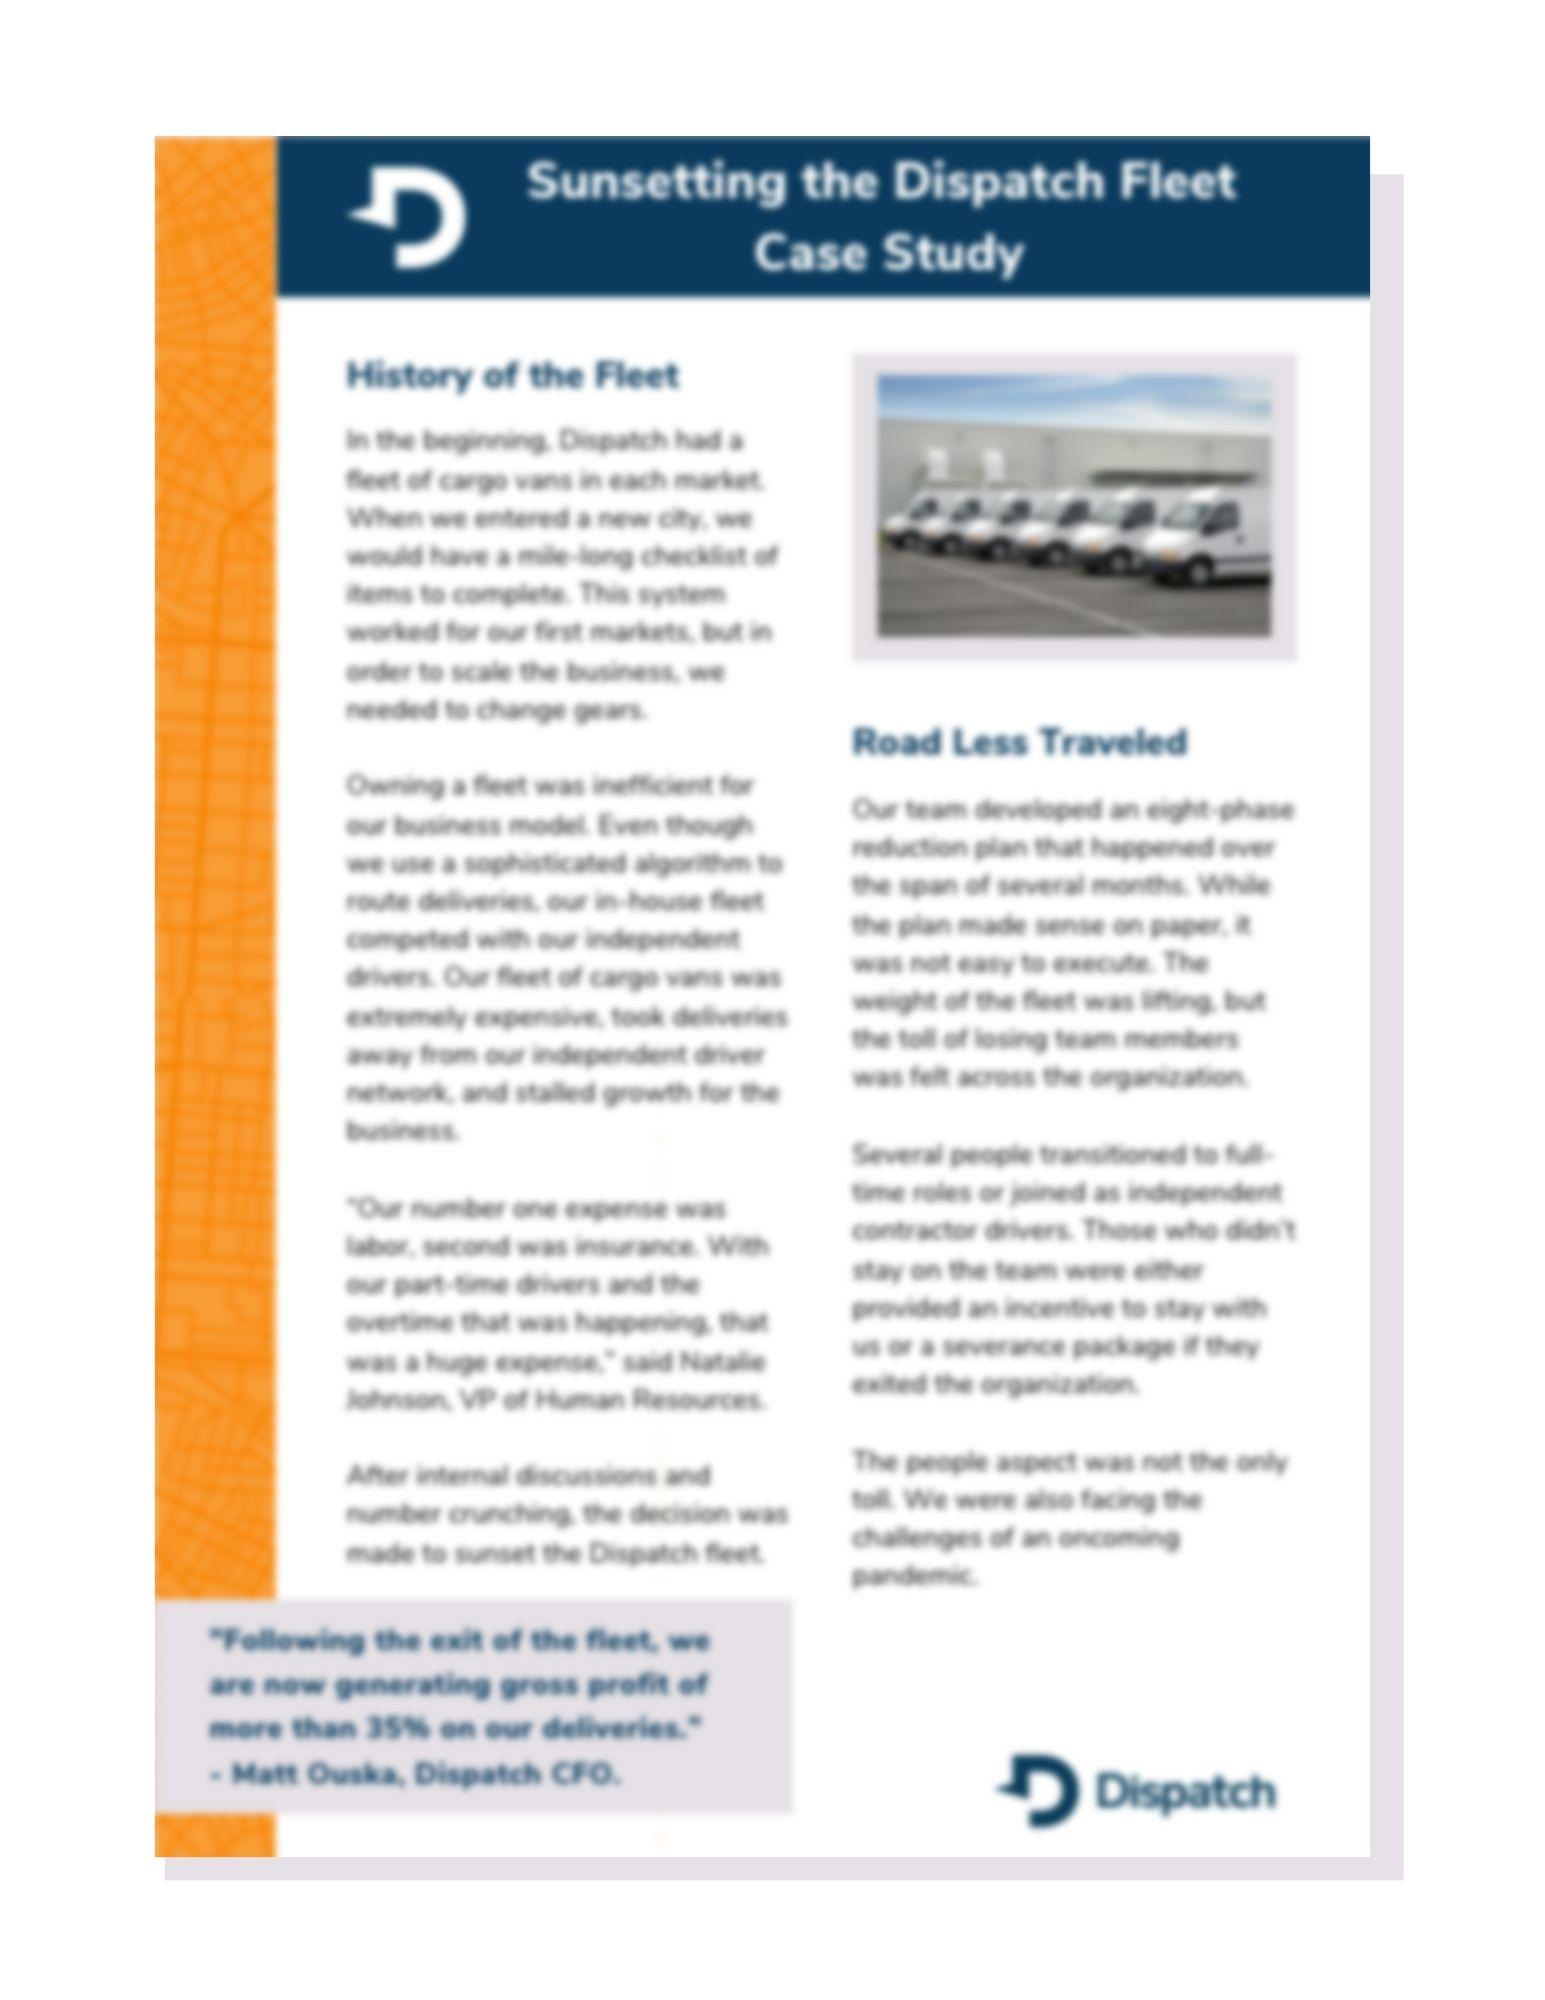 Fleet Exit Case Study Preview